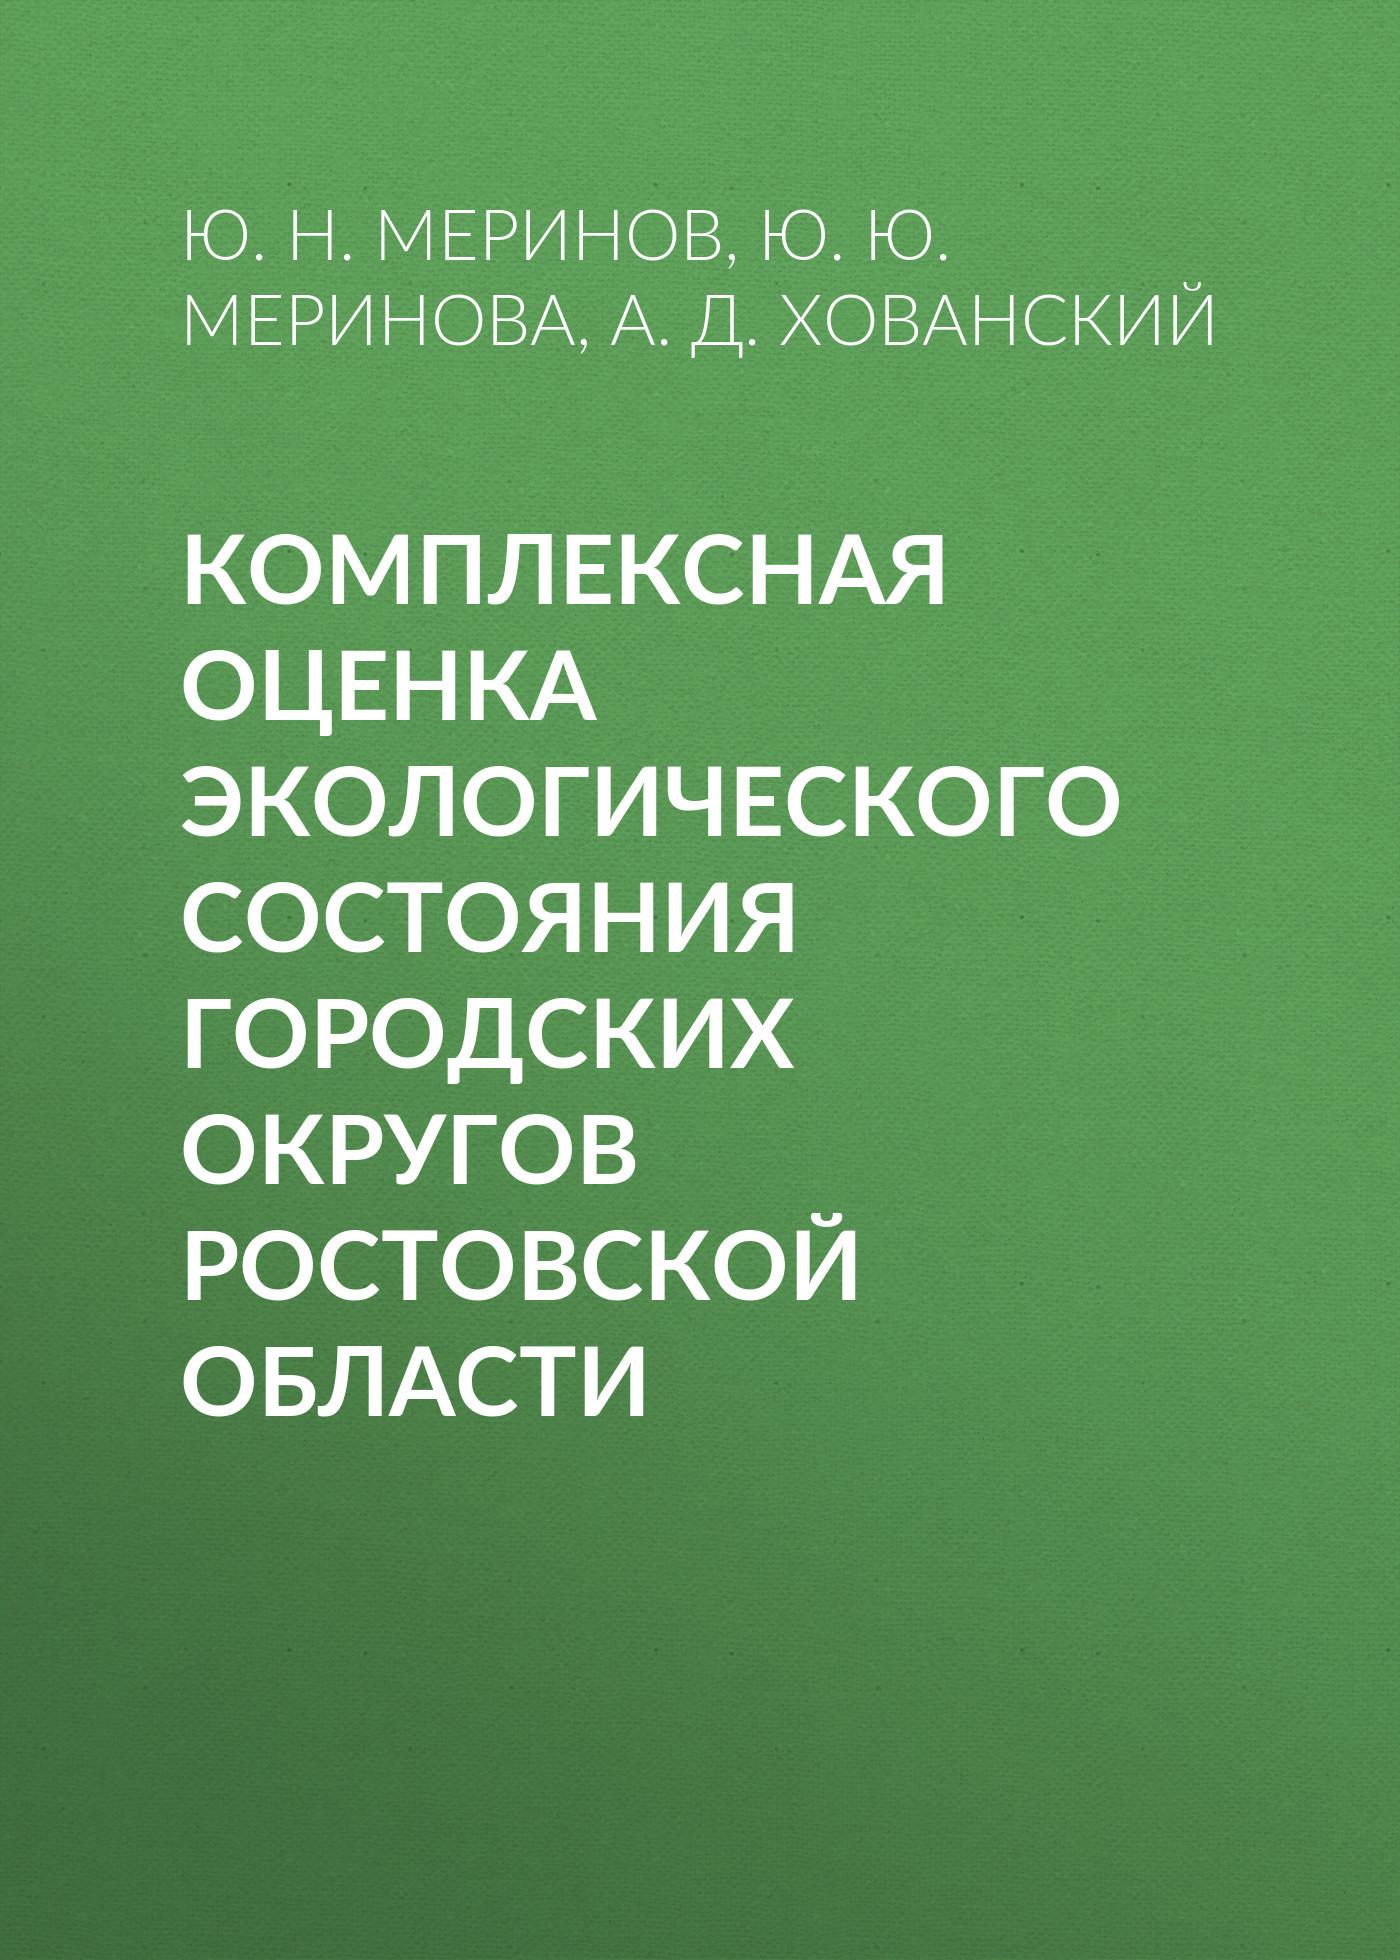 Ю. Ю. Меринова Комплексная оценка экологического состояния городских округов Ростовской области